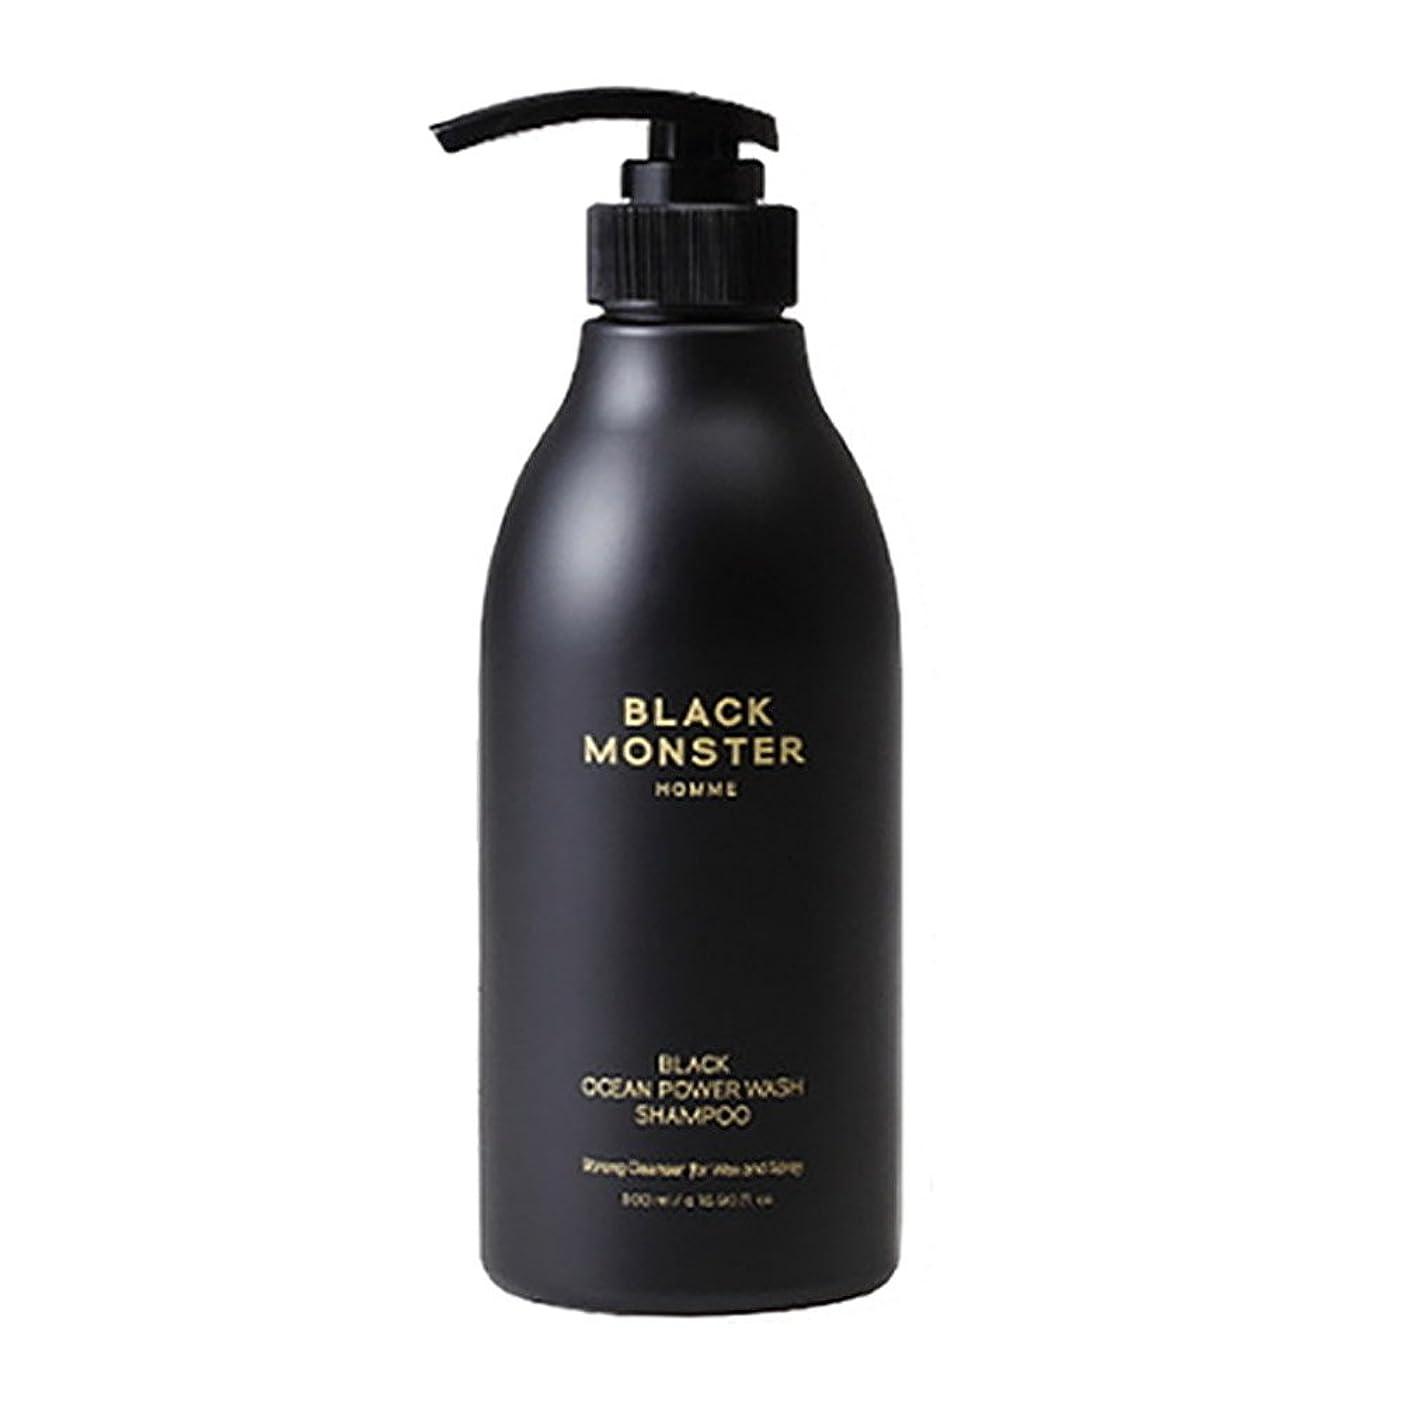 アシストファイター浸した[ブレンクTV] blanktv Black Monster ブラックオーシャンシャンプ 500ml 海外直送品 black ocean shampoo [並行輸入品]